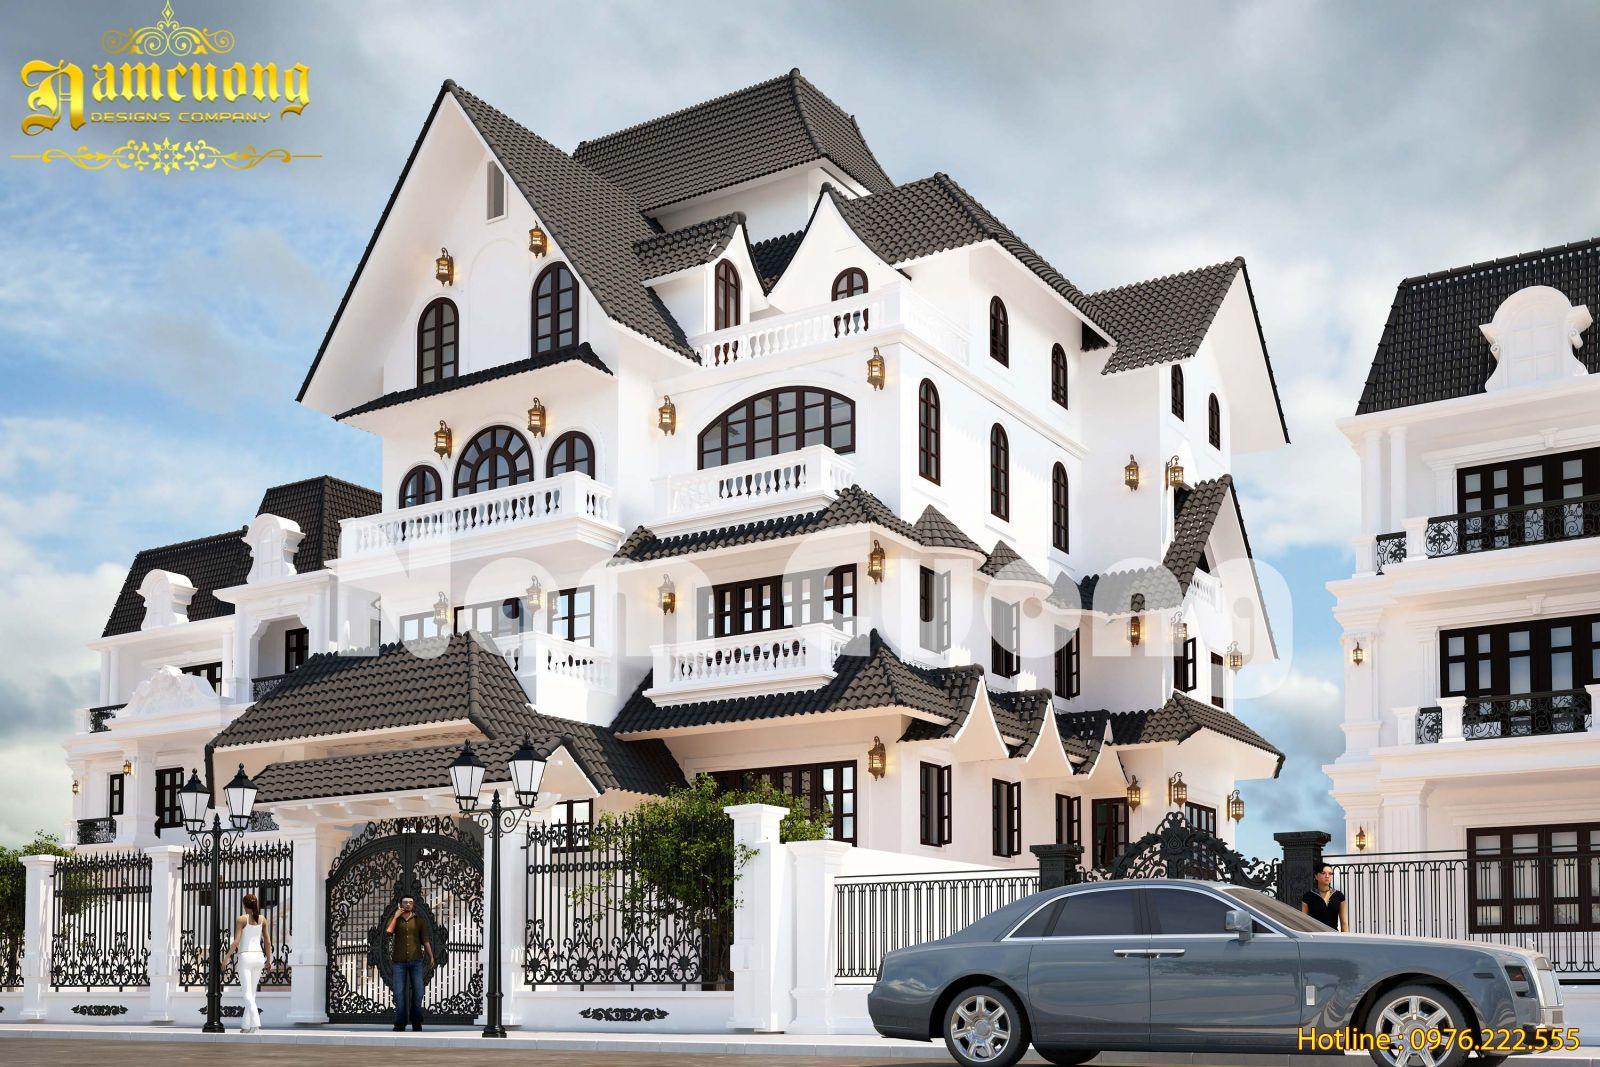 Thiết kế Biệt thự tân cổ điển tại Hải Phòng năm 2017